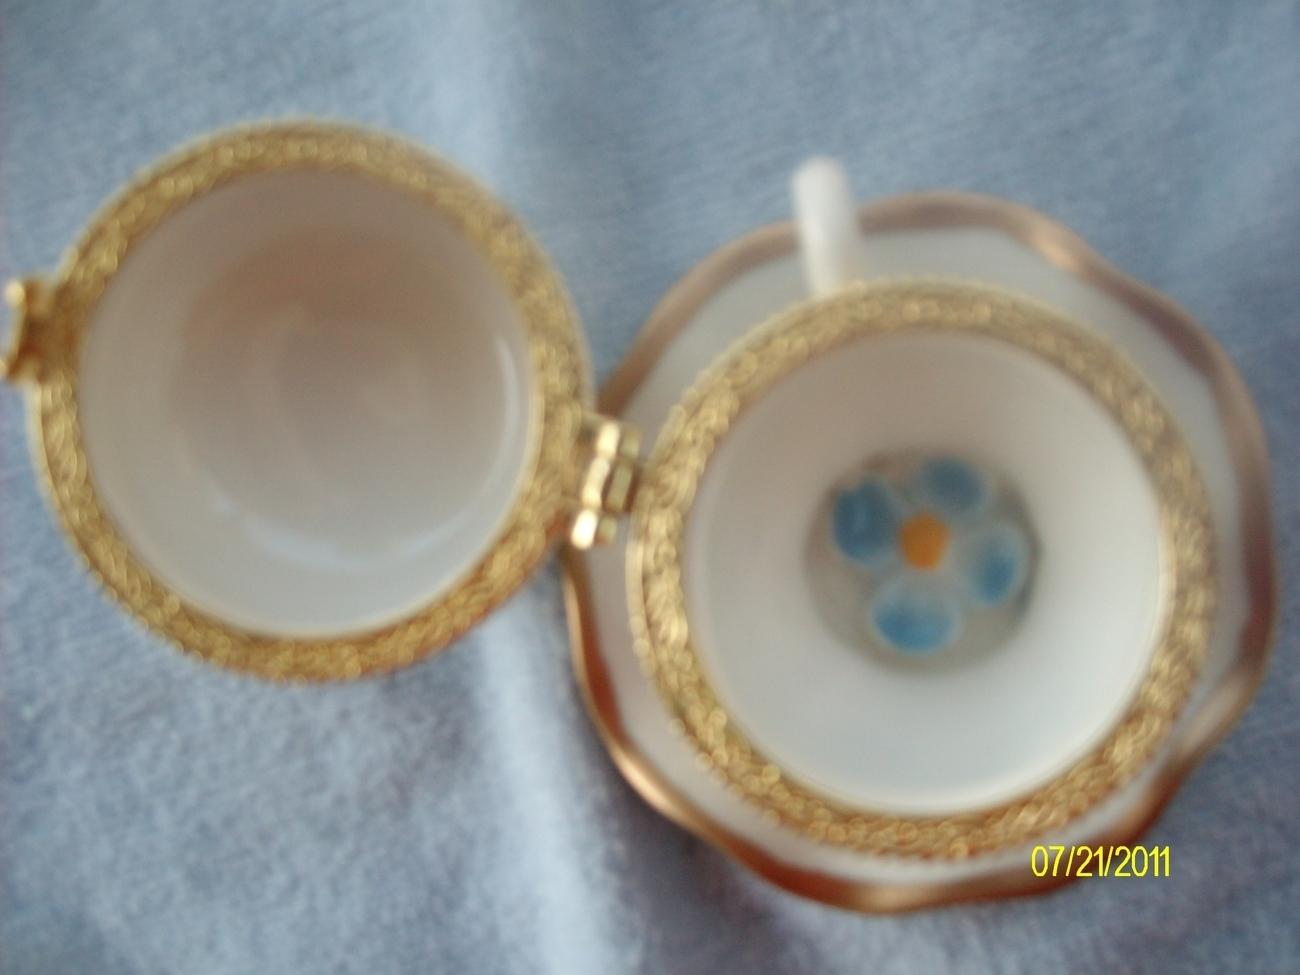 Image 2 of  Blue Flower Porcelain Teacup & Saucer Trinket Box